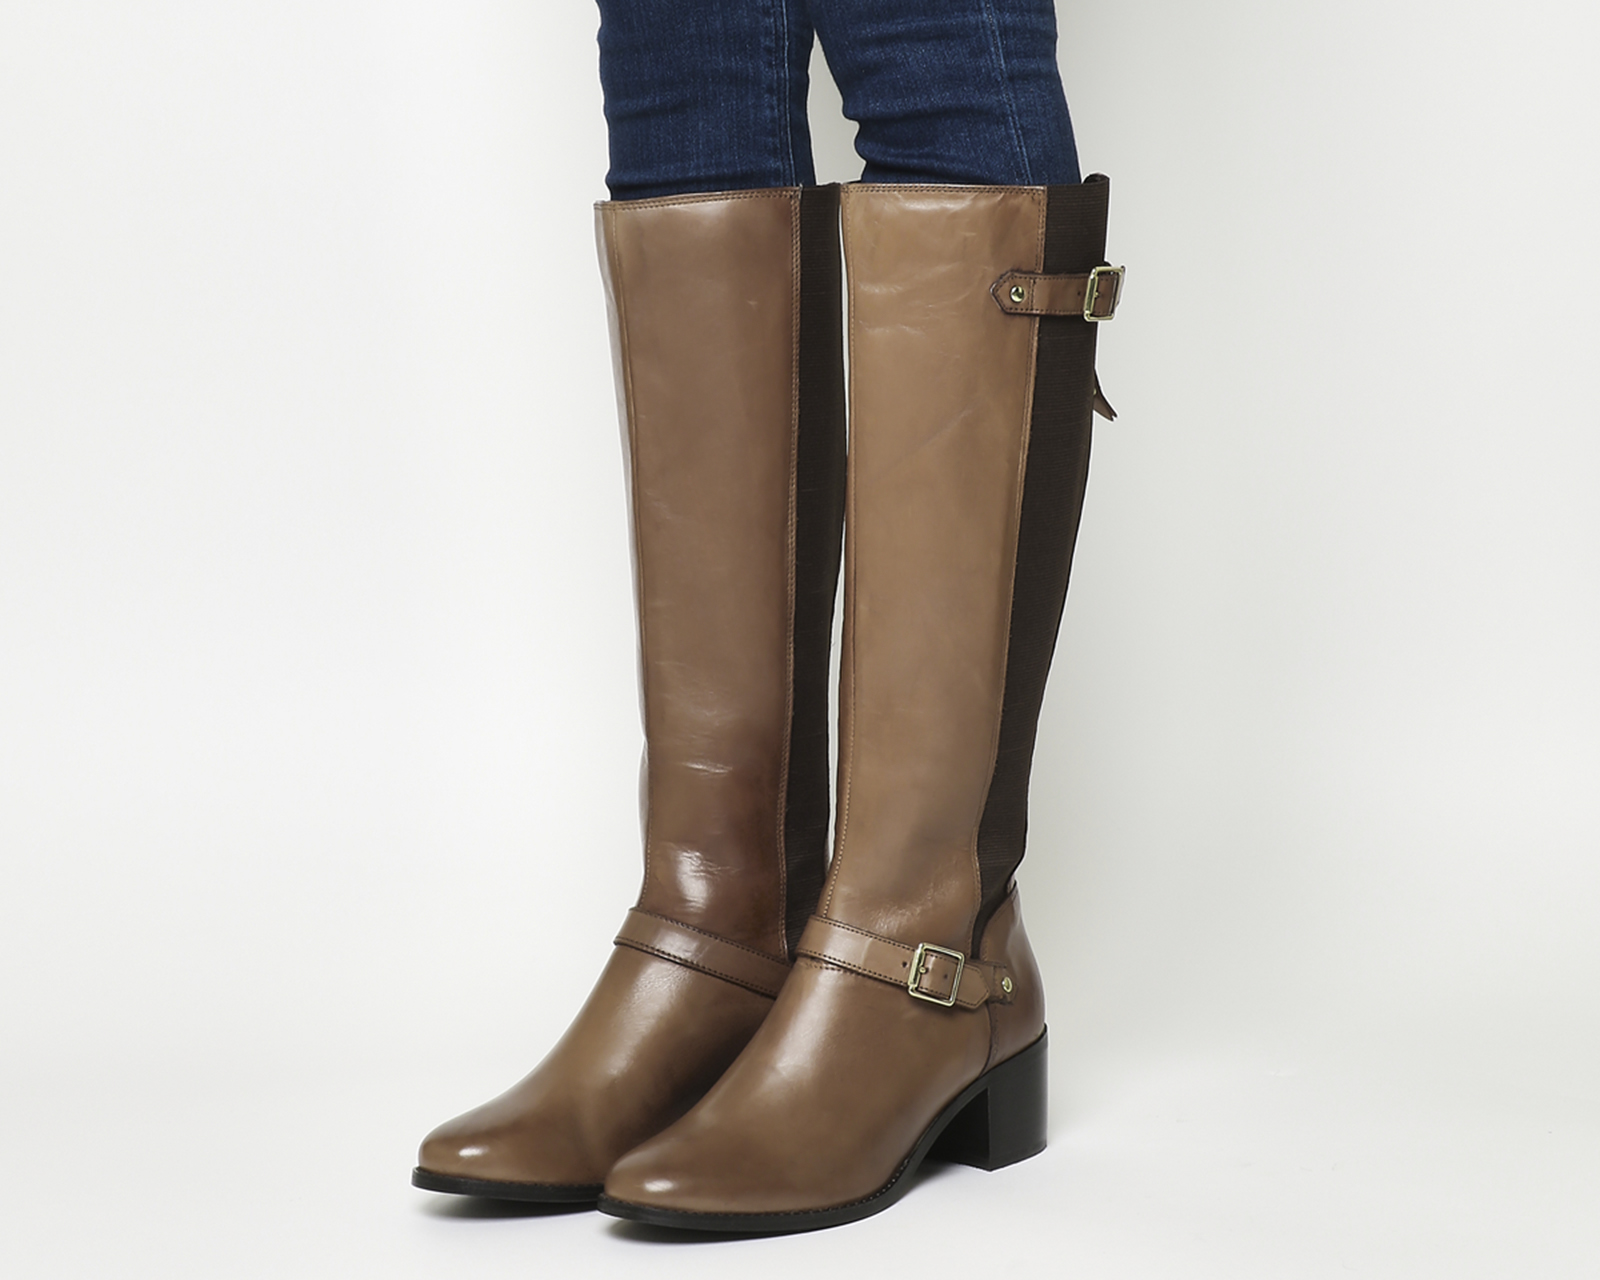 nuovo stile 6d6ed 89de4 Dettagli su Donna office Kestrel Tacco Medio Stivali da Equitazione pelle  Marrone Stivali